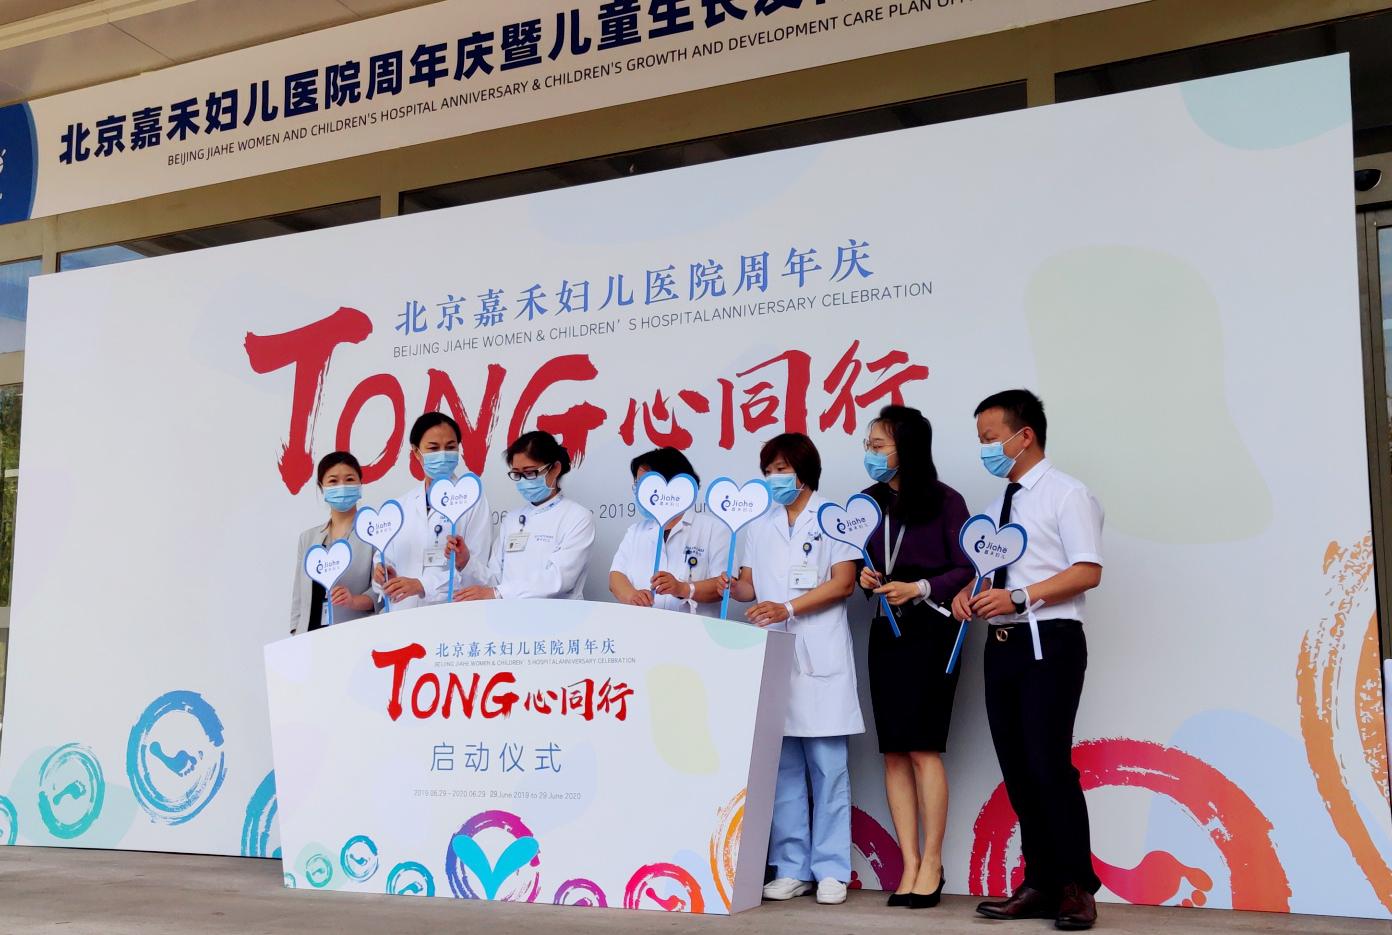 以公益献礼国际儿童节|北京嘉禾妇儿医院启动儿童生长发育关爱计划